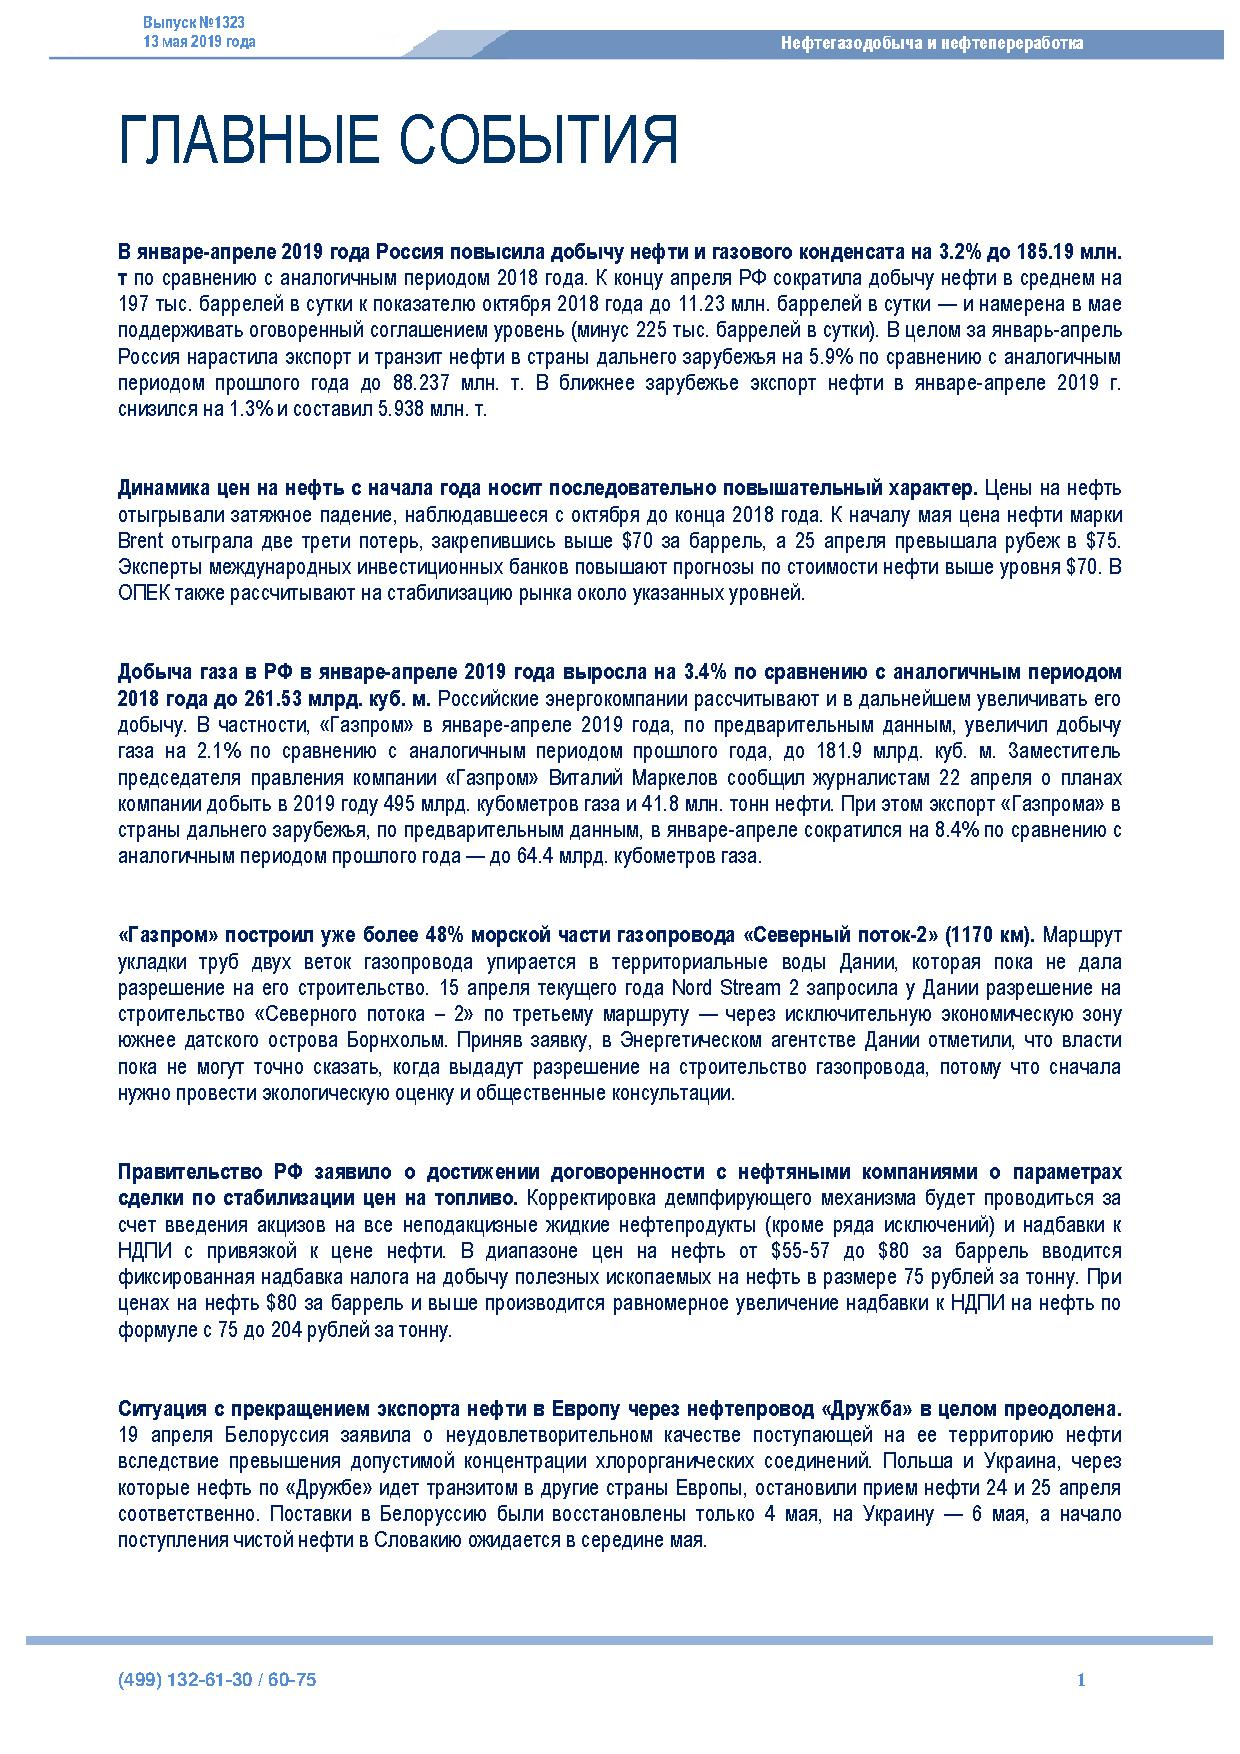 №1323 Нефтегазодобыча и нефтепереработка